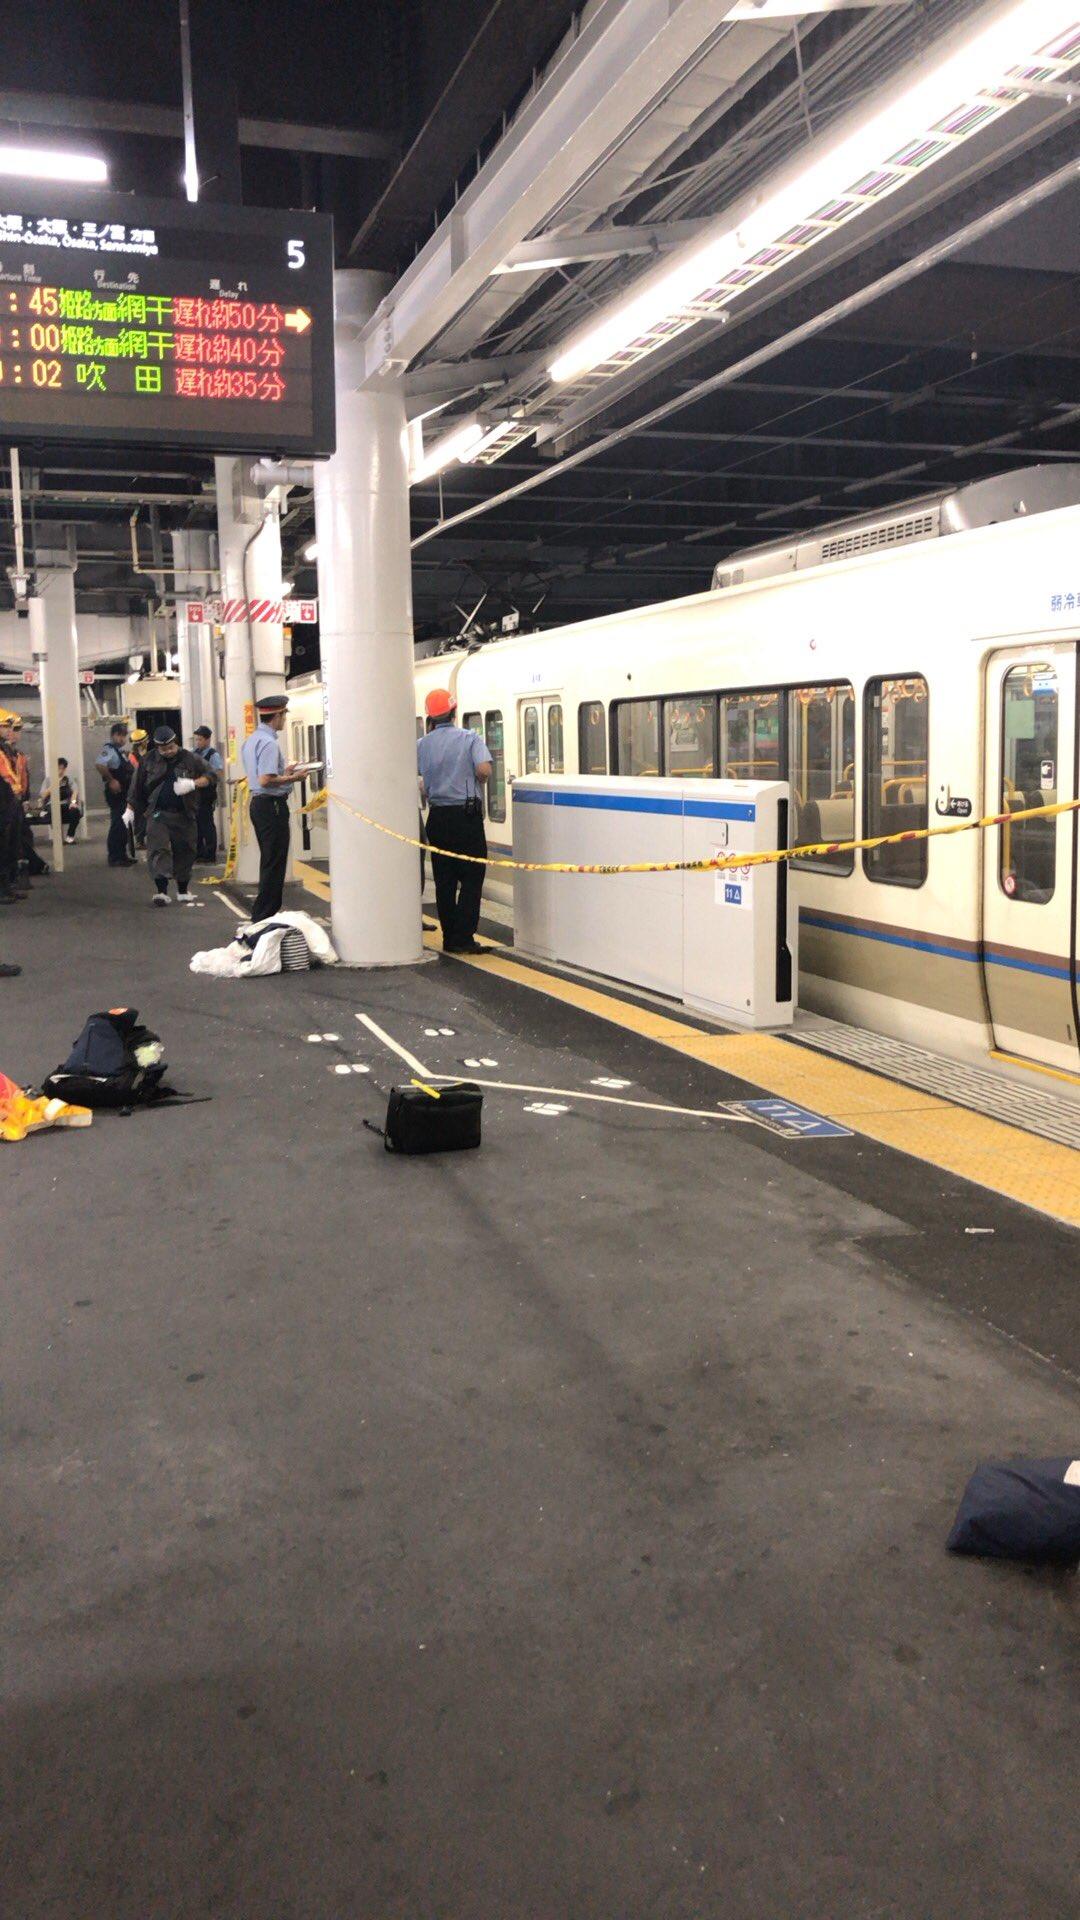 京都線の高槻駅で中学生と電車が接触した人身事故現場の画像